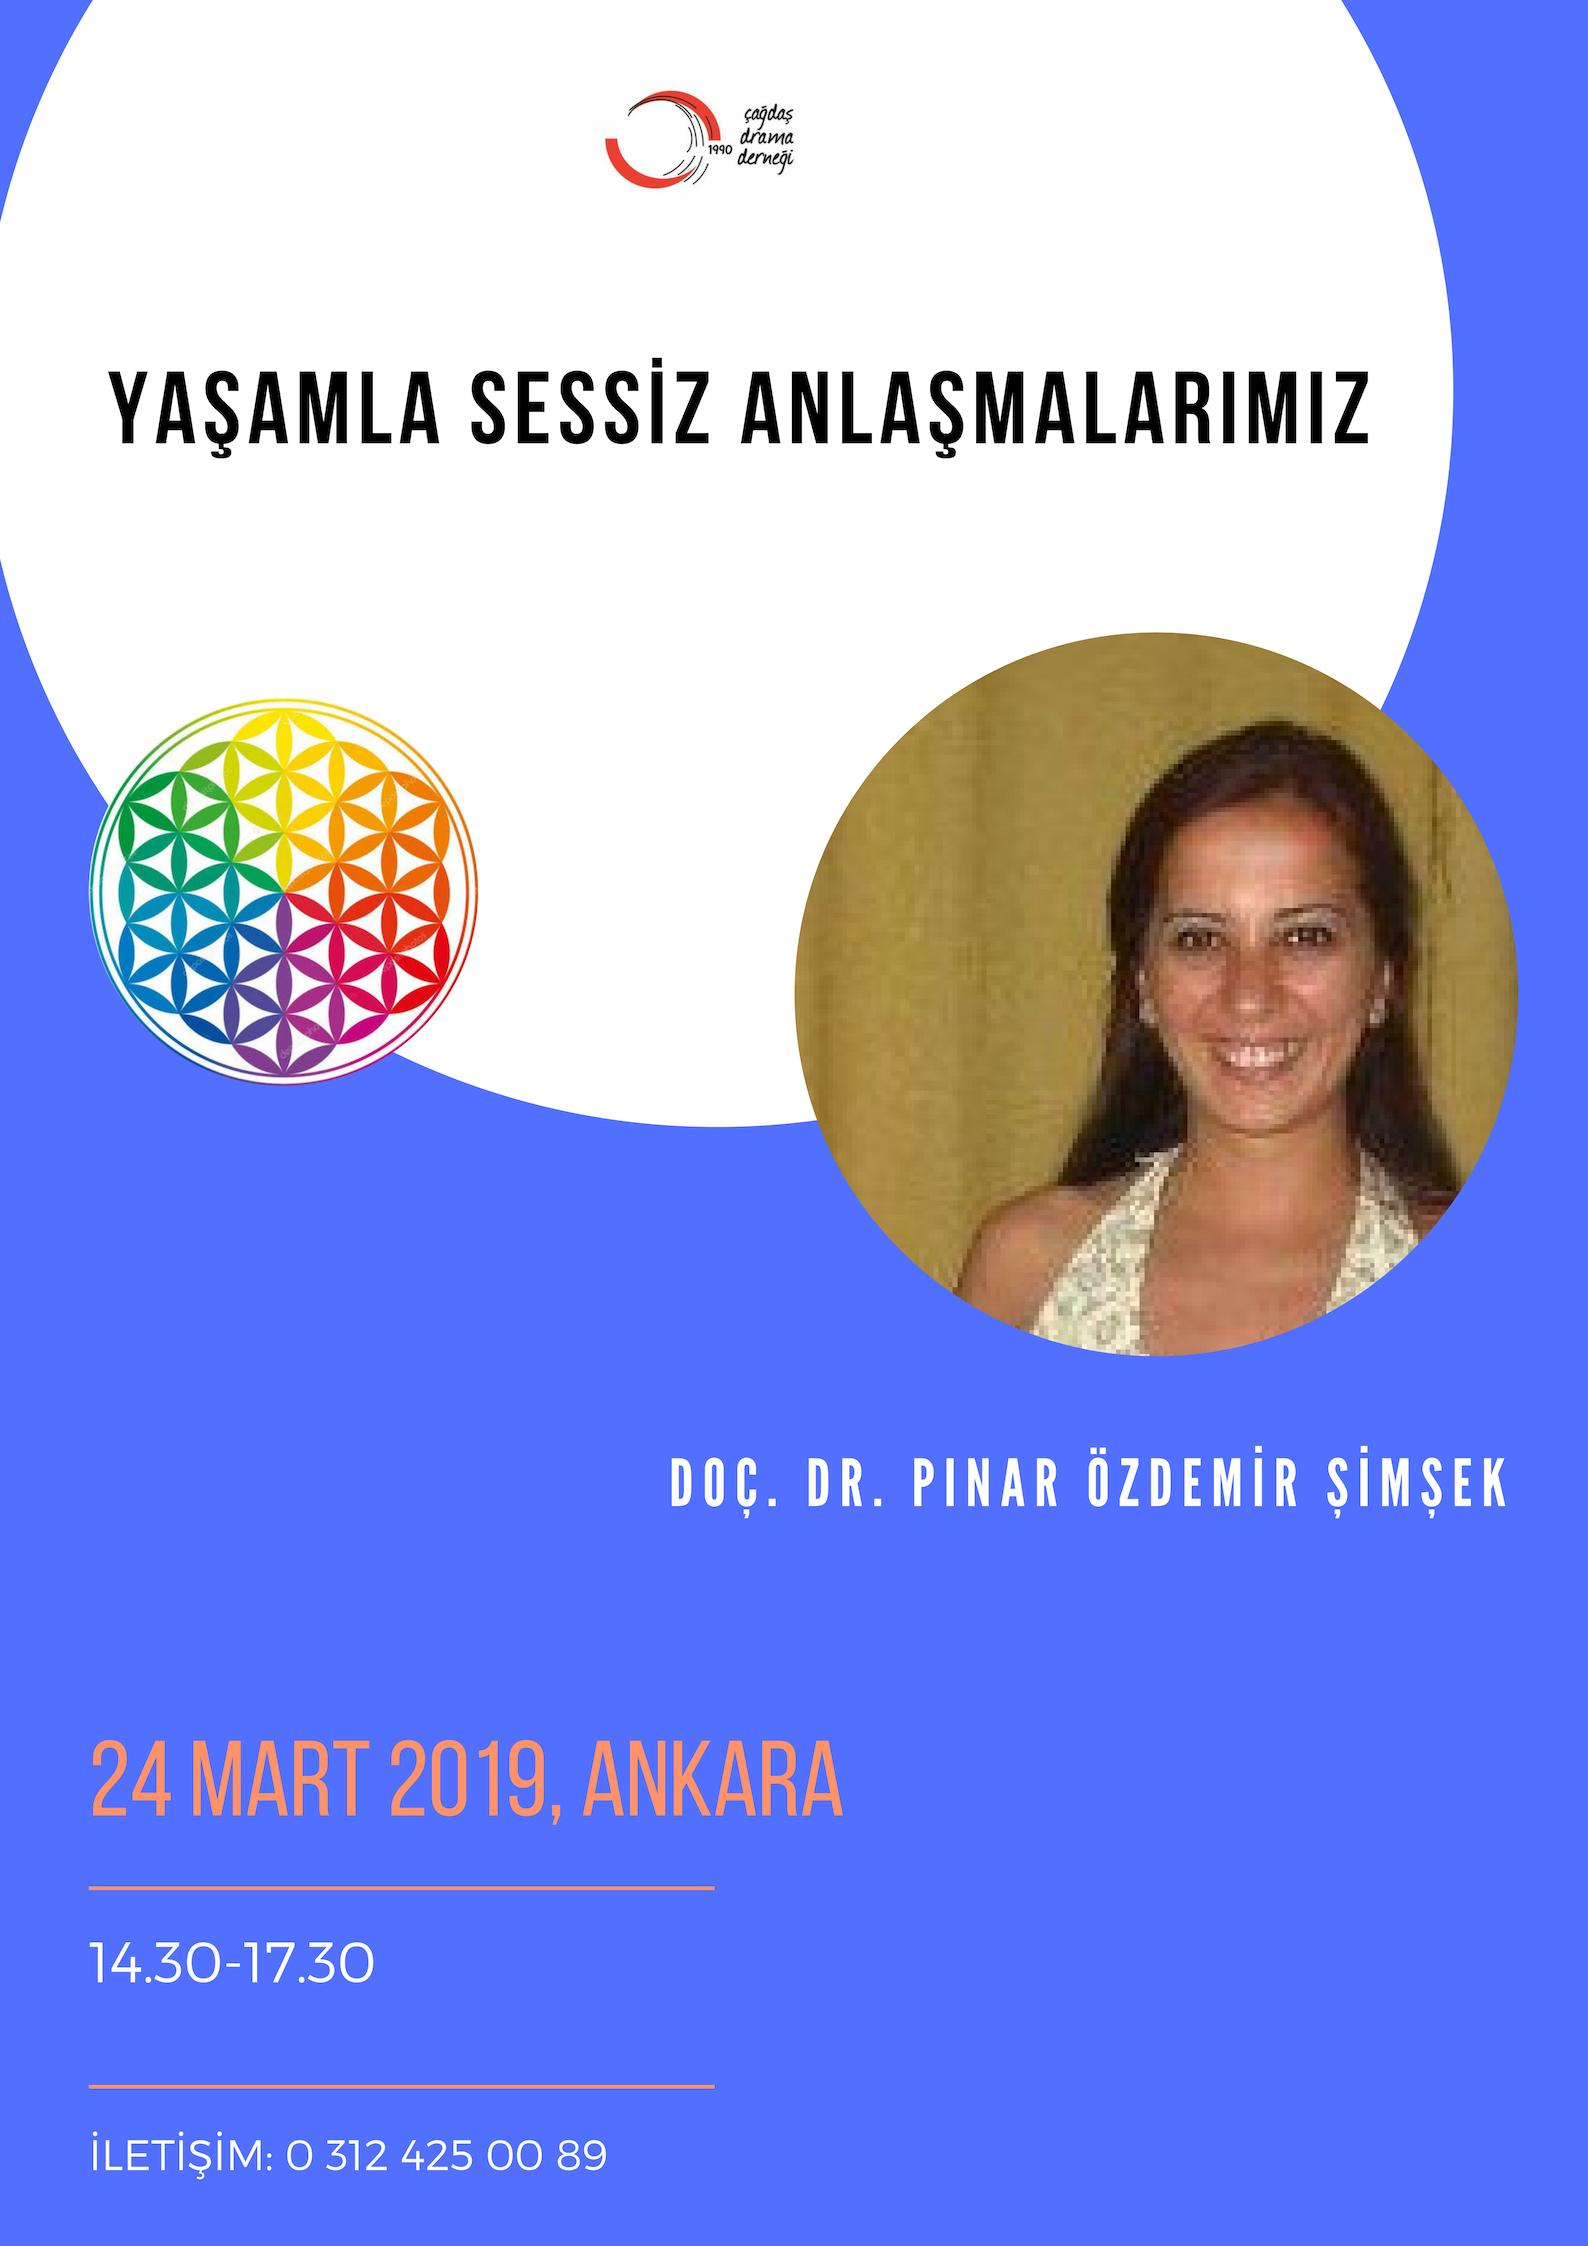 Konulu Atölye / Doç. Dr. Pınar Özdemir Şimşek – Yaşamla Sessiz Anlaşmalarımız